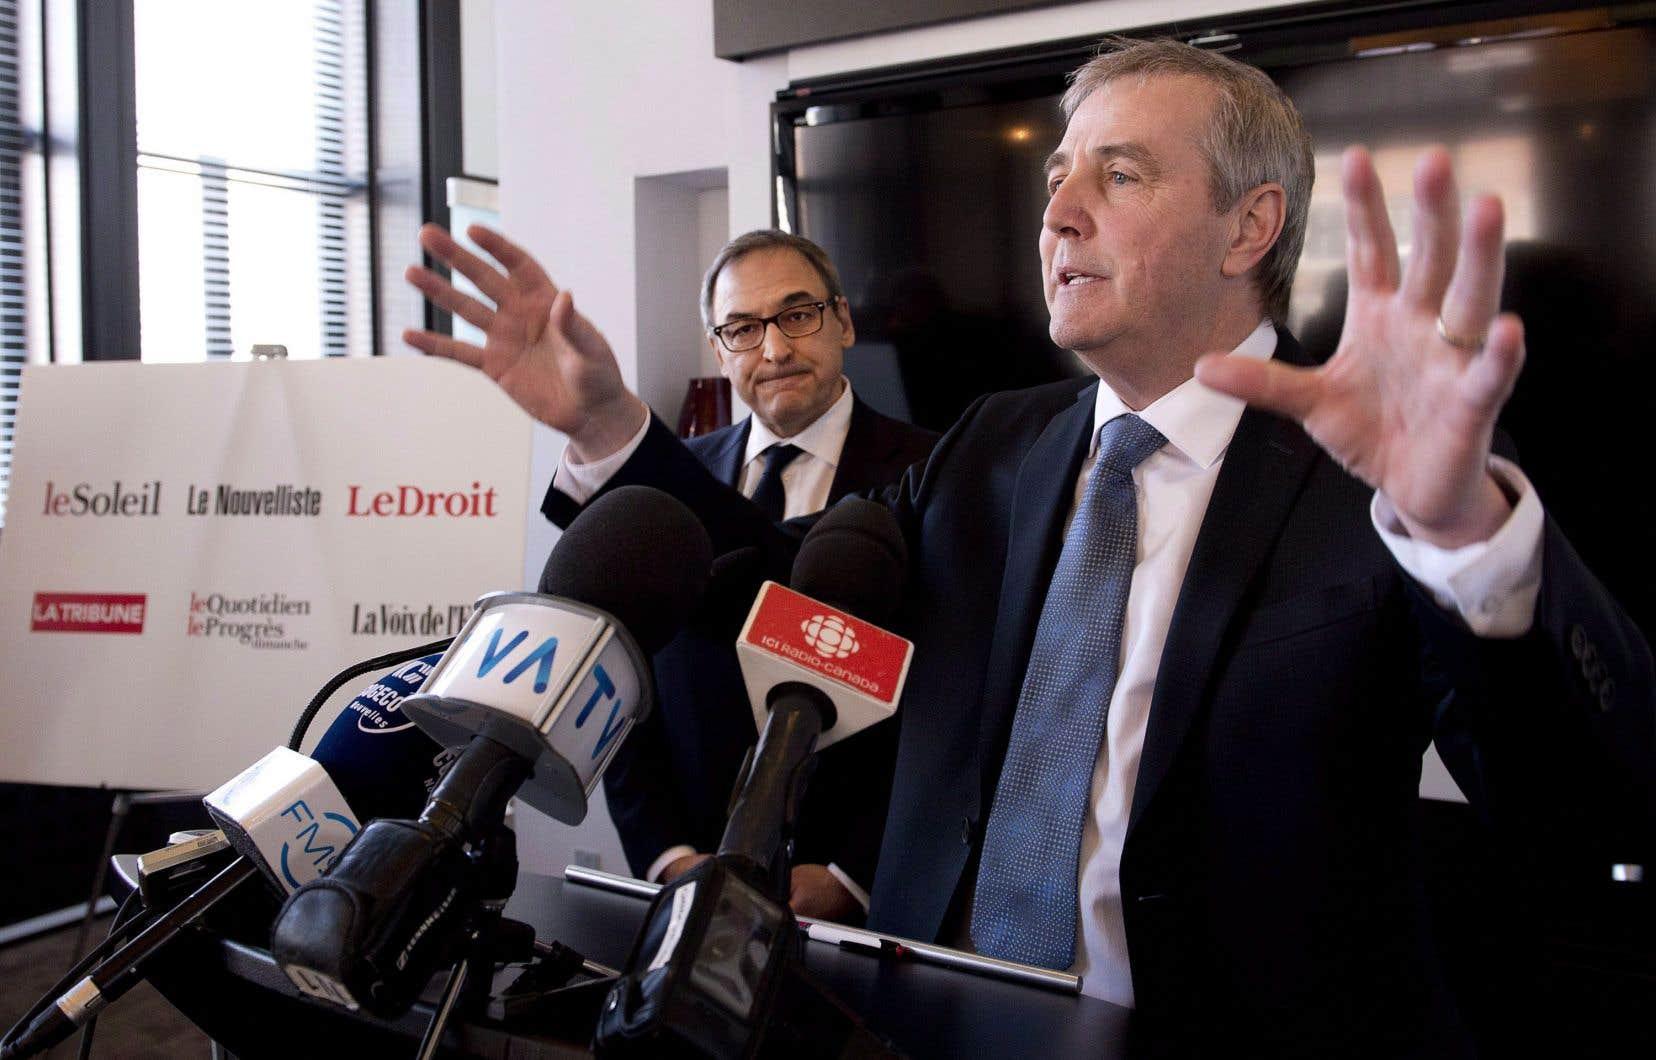 Le président-directeur général du Groupe Capitales Médias, Claude Gagnon (à droite), et le propriétaire de l'entreprise, Martin Cauchon, ont fait l'acquisition en 2015 des quotidiens régionaux du groupe Gesca.